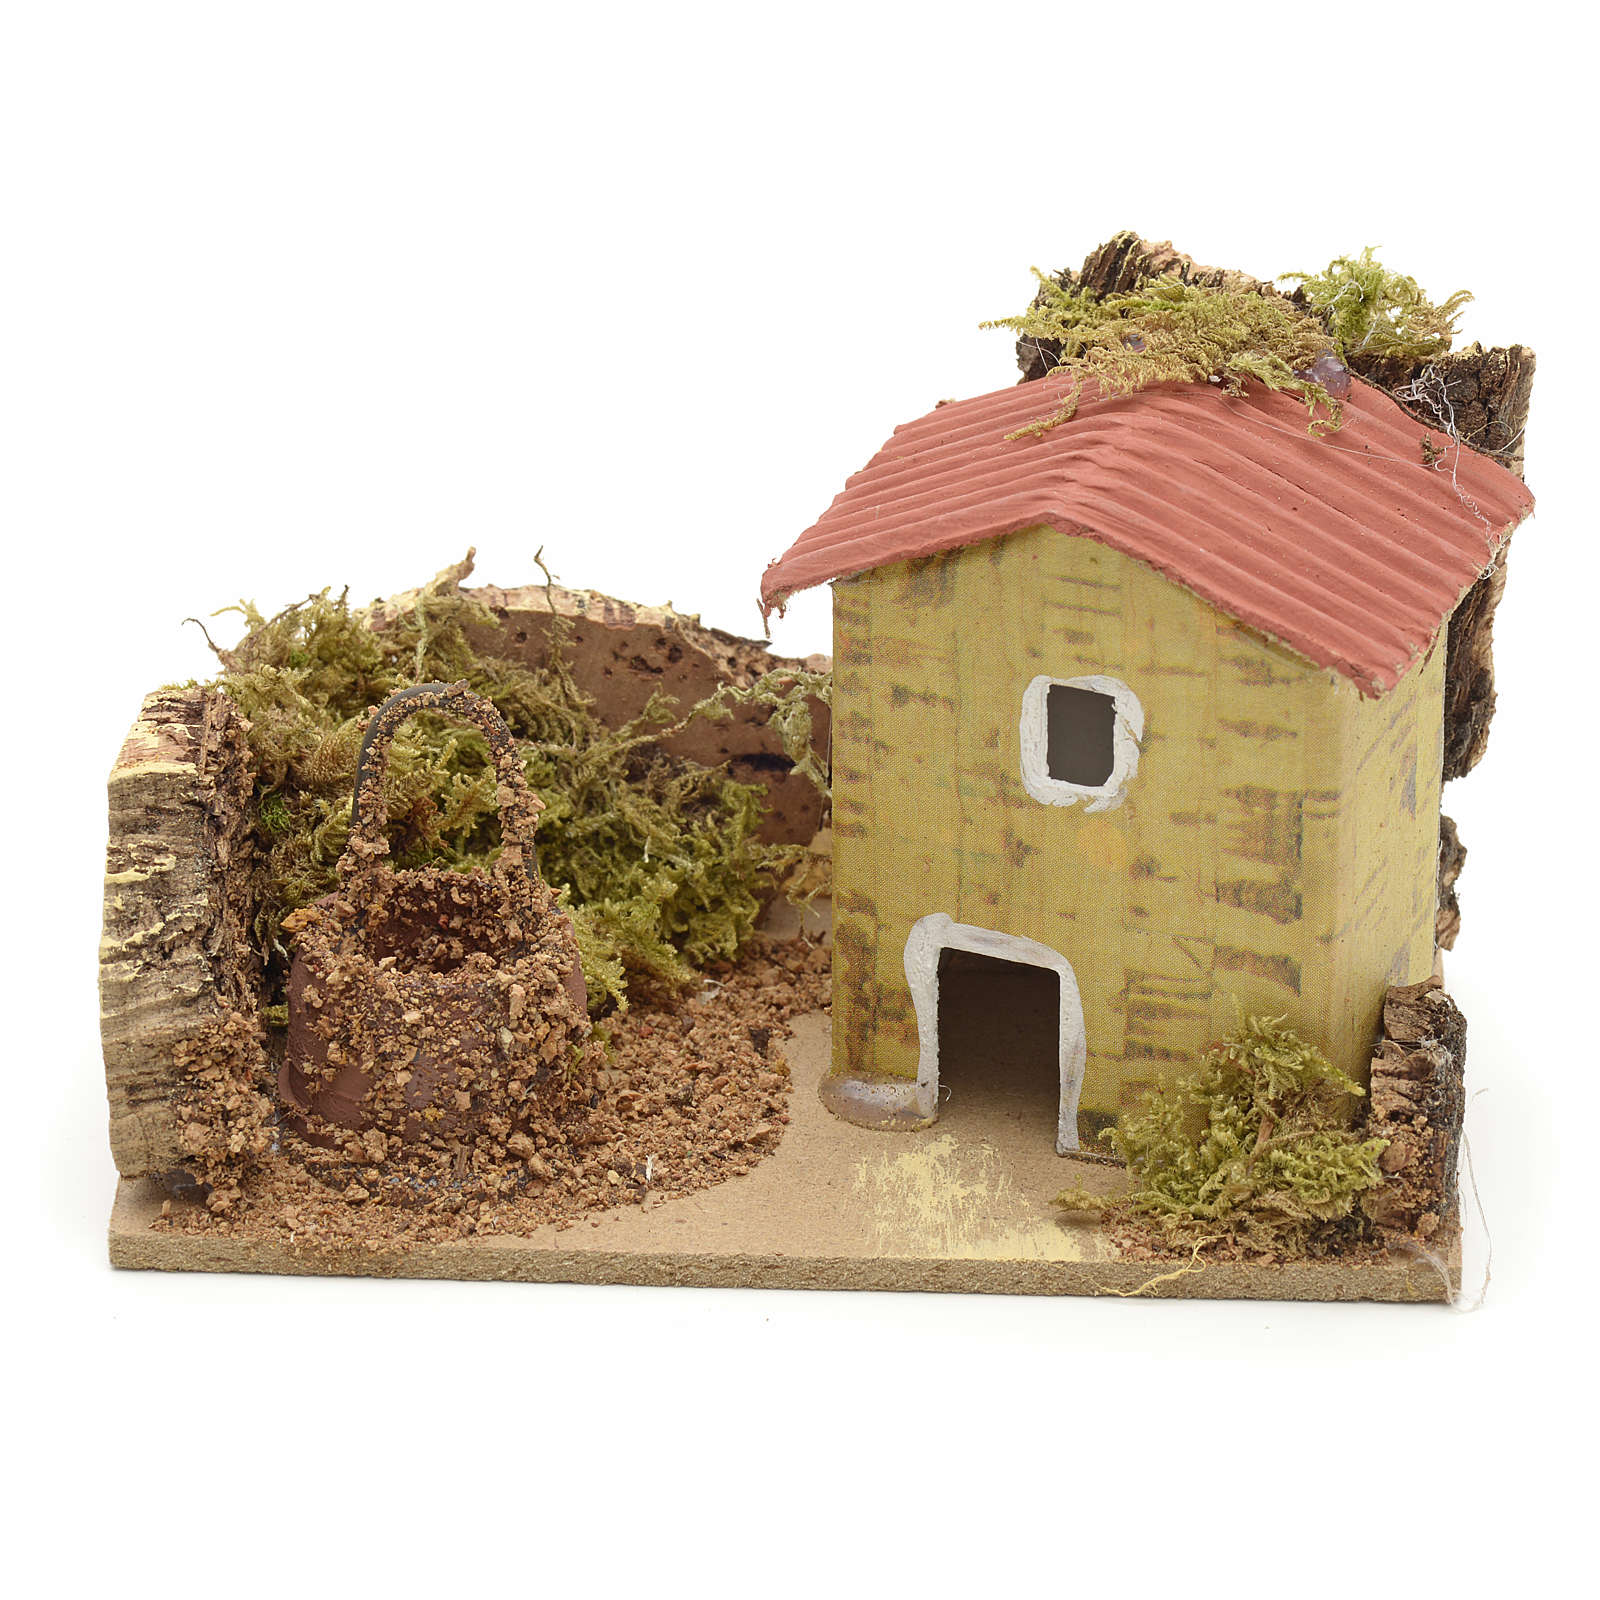 Décor crèche maison et puits 10x6 4